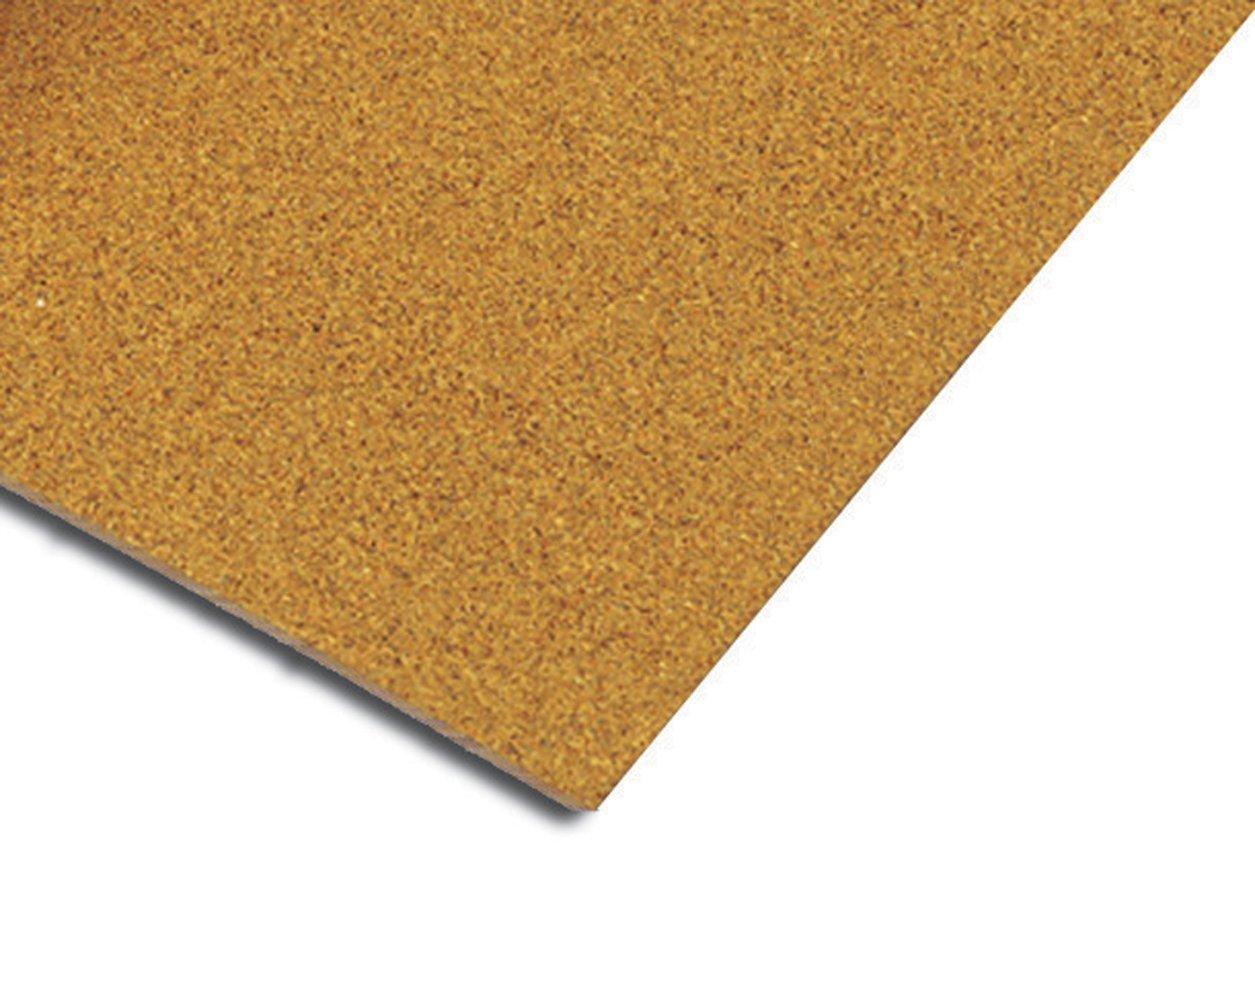 Underlayment Cork | Cork Underlayment | Insulating Laminate Underlay